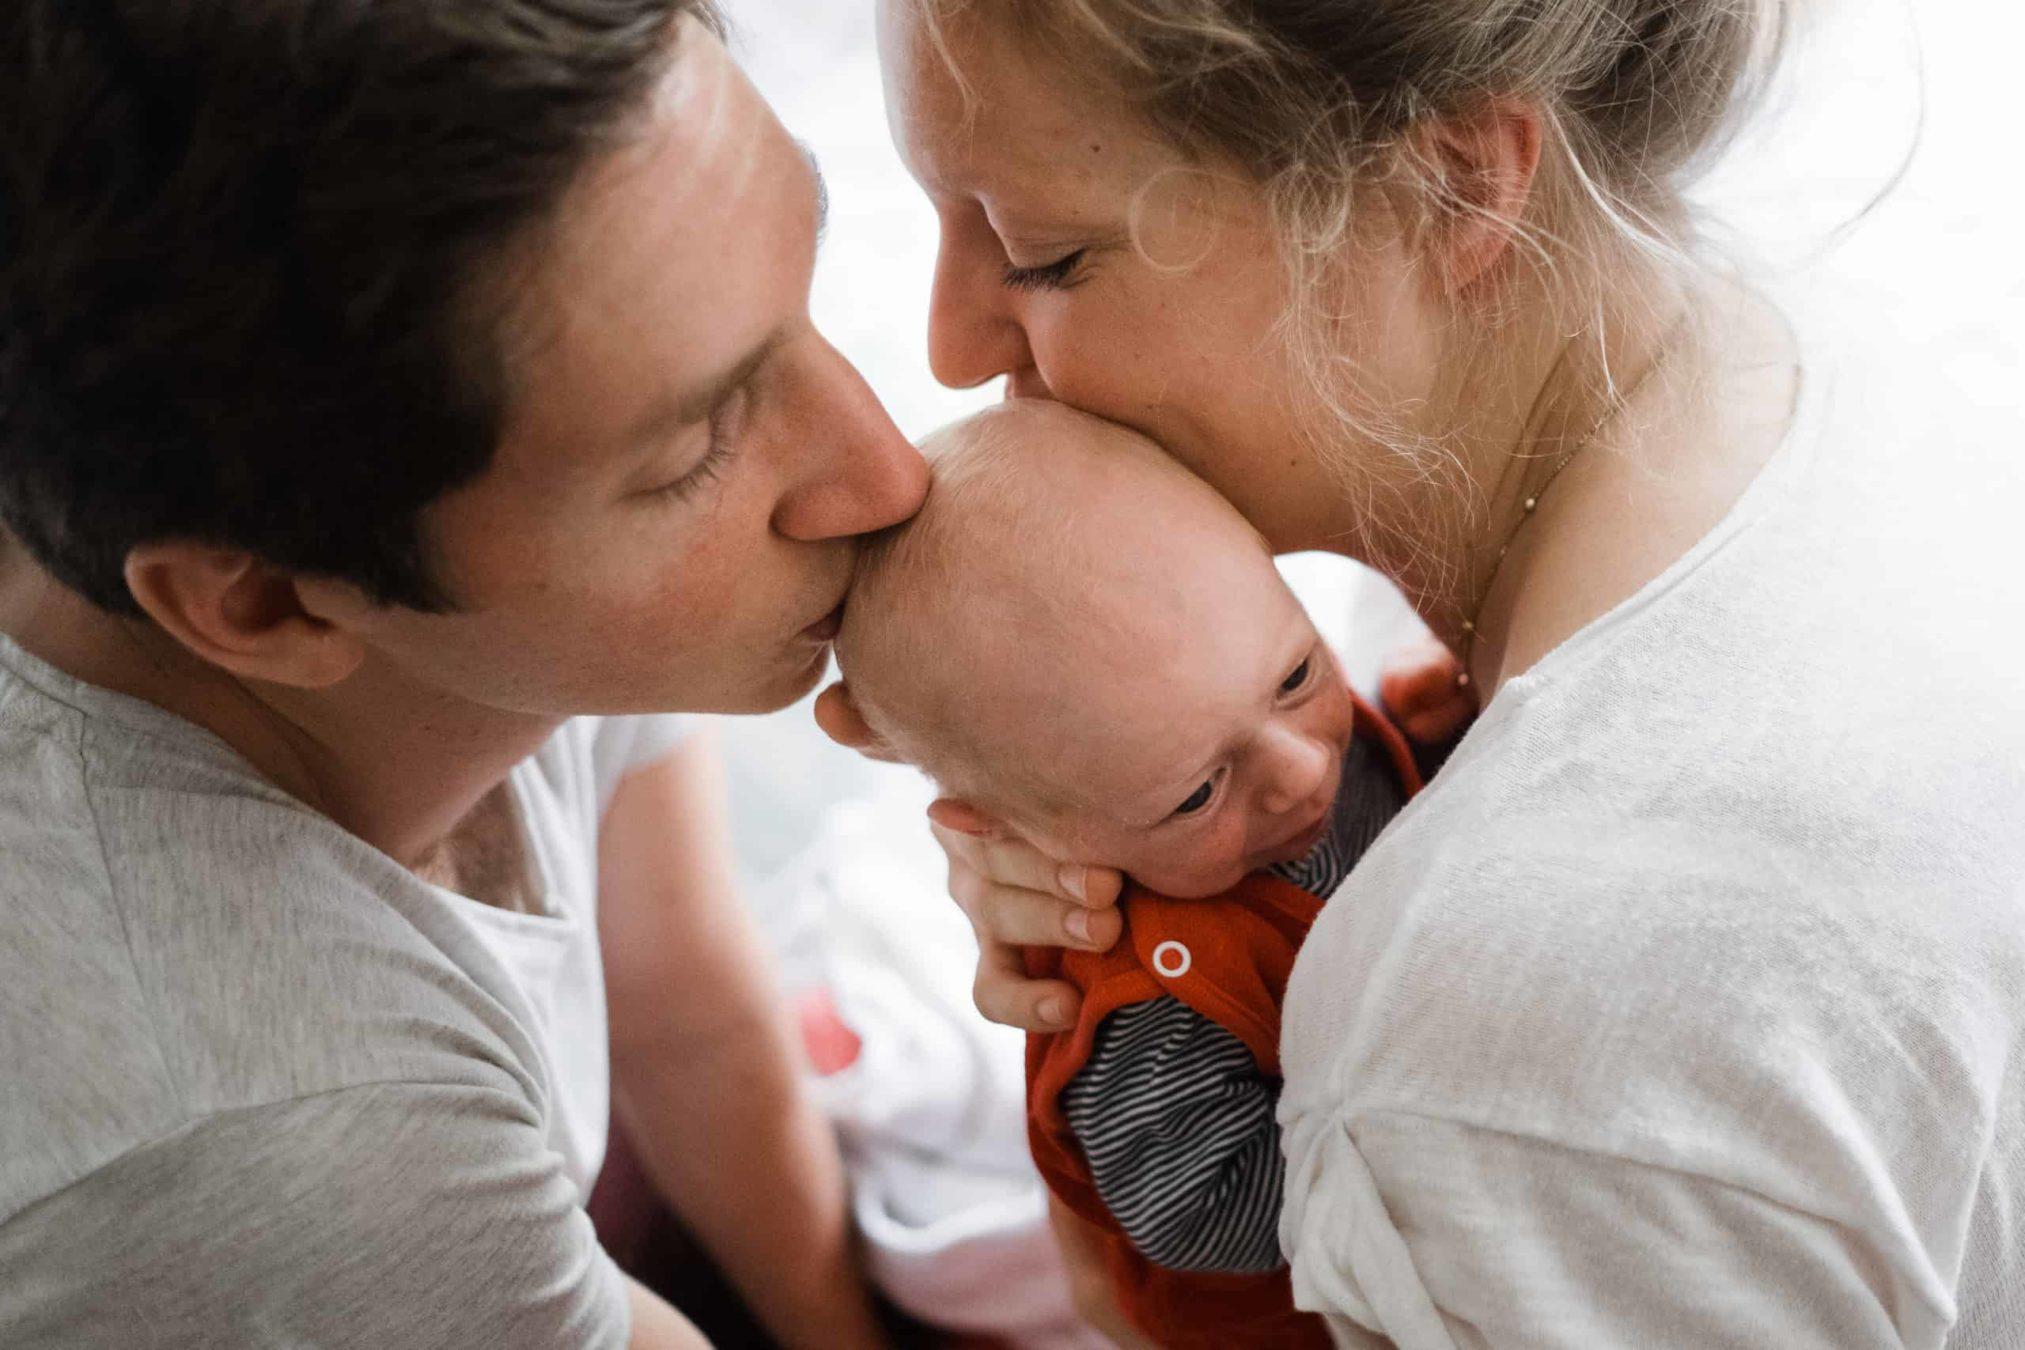 eine Frau hat ein Baby auf dem Arm, sie küsst das Baby auf dem Kopf, neben ihr steht ein Mann, der ebenfalls das Baby auf dem Kopf küsst